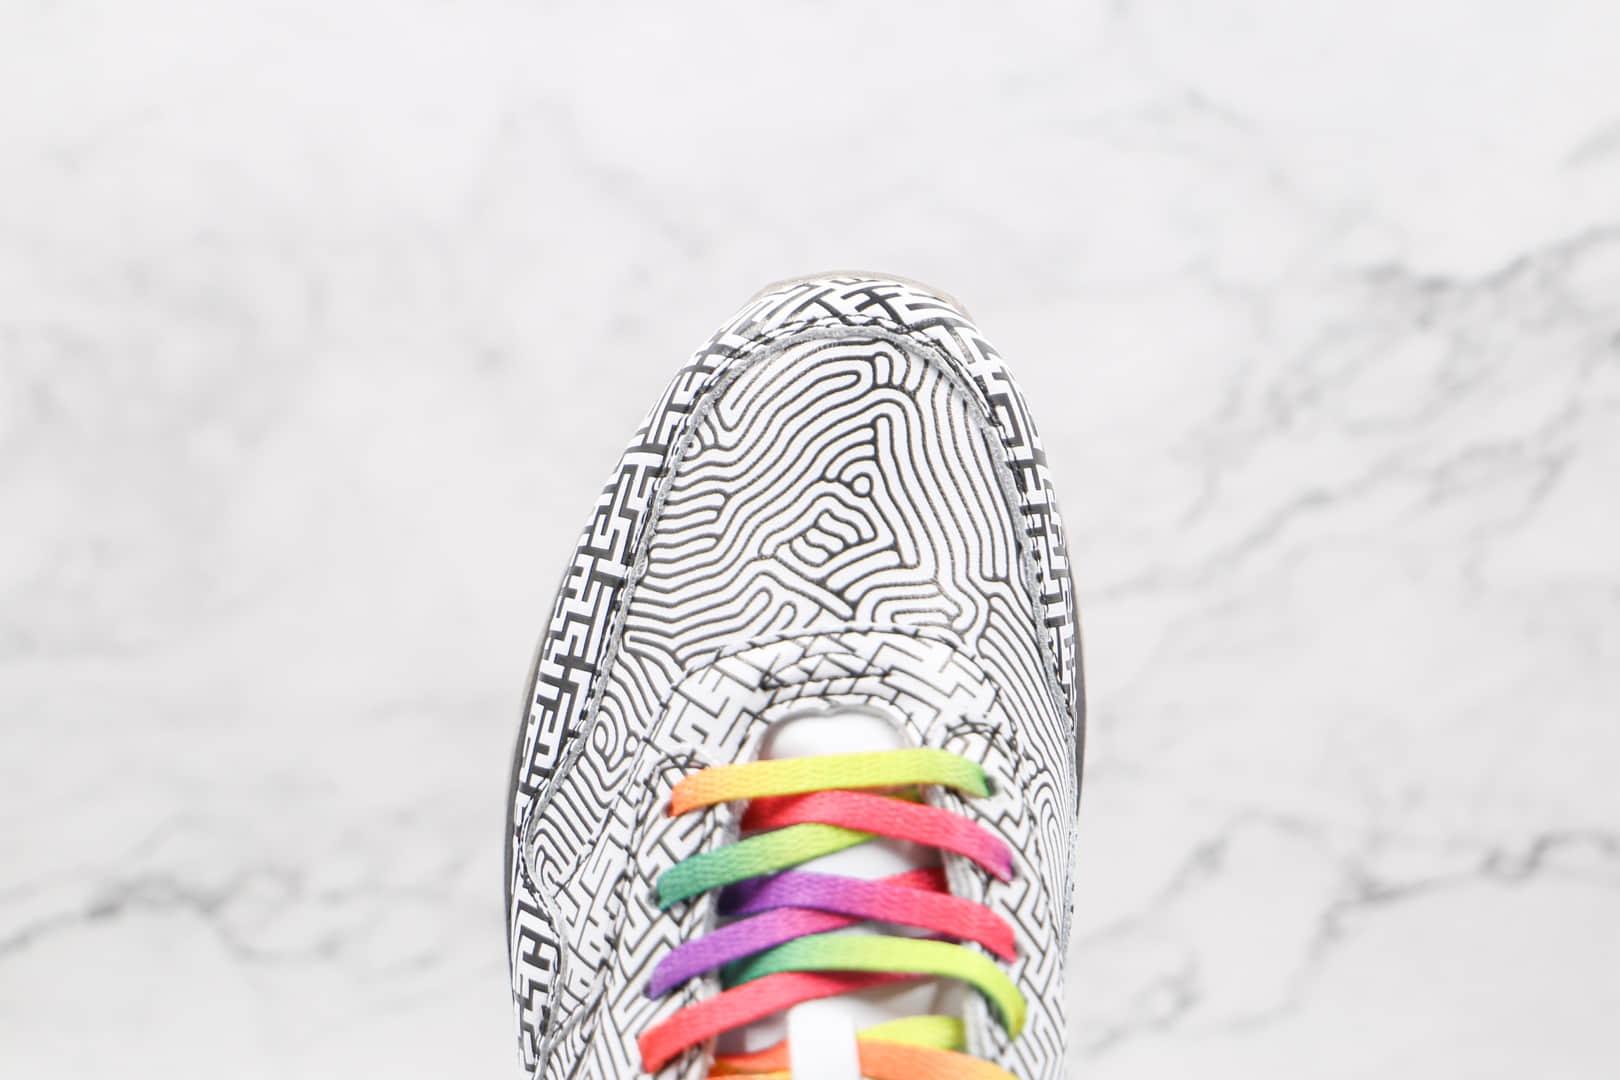 耐克Nike Air Max 1 Tokyo Maze纯原版本东京限定迷彩配色Max1气垫鞋原档案数据开发 货号:CI1505-001